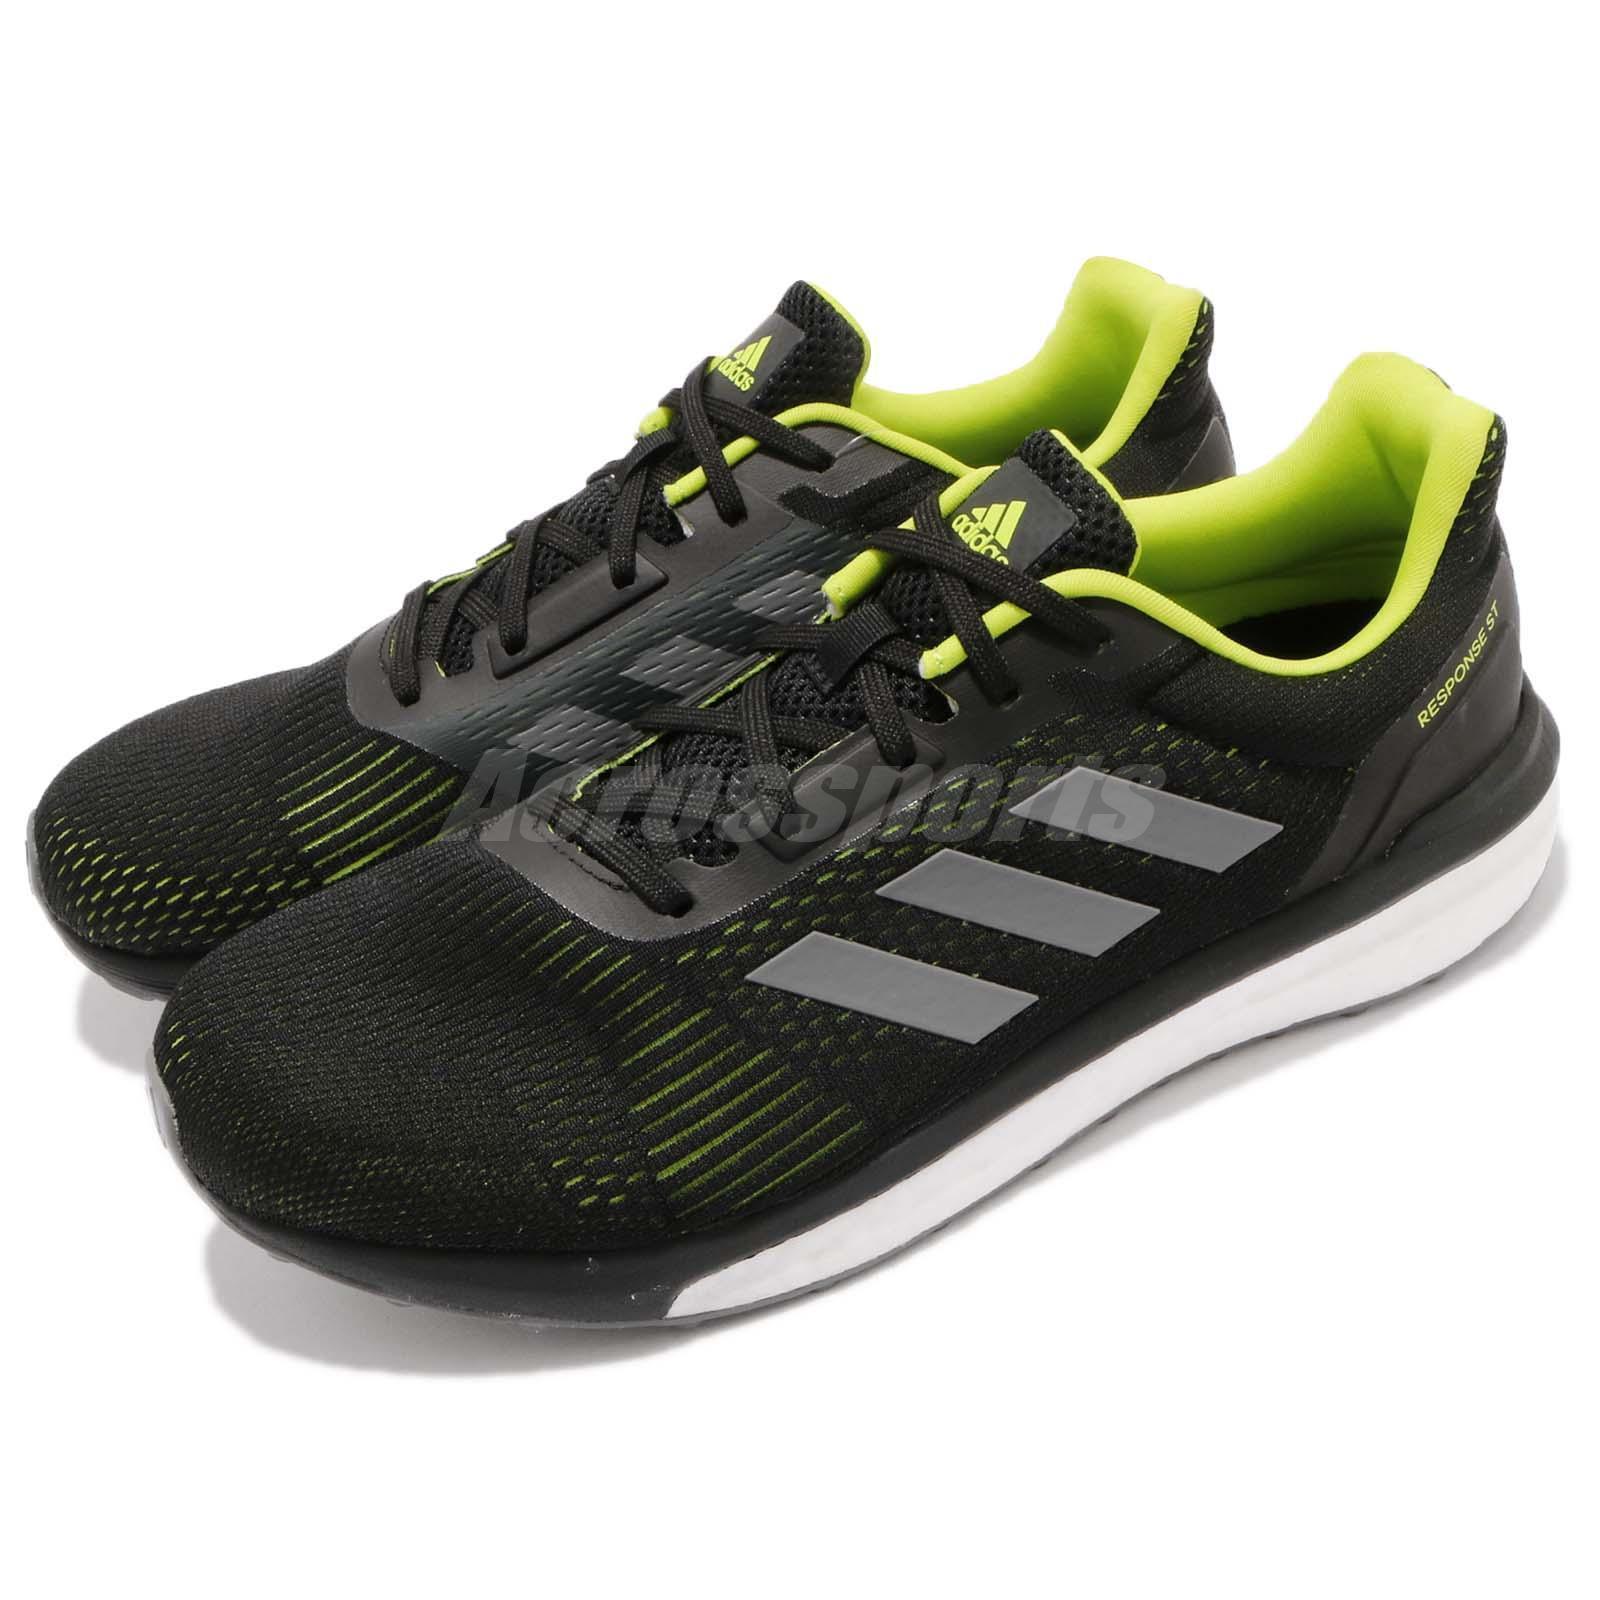 adidas Response ST M Stability Noir Hire vert CG4004 Hommes Running Chaussure Baskets CG4004 vert 88695c